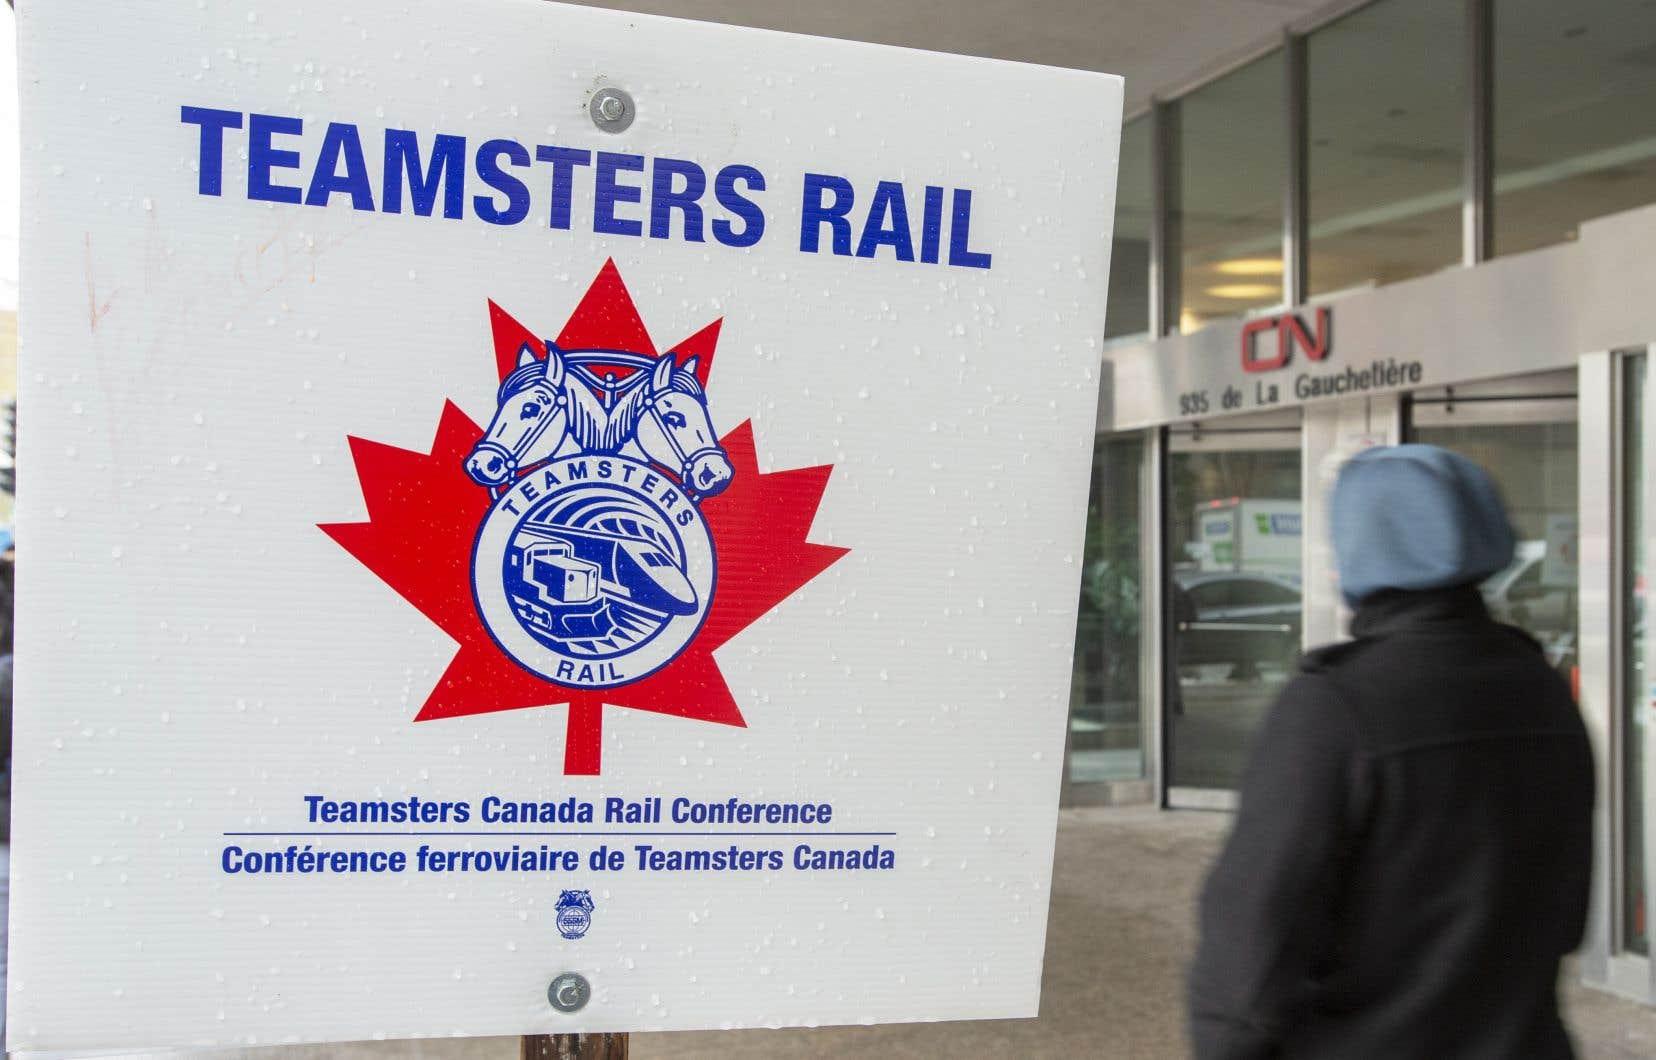 Le syndicat des Teamsters, qui représente les quelque 3200 travailleurs en grève, a indiqué poursuivre les négociations afin de conclure une entente.